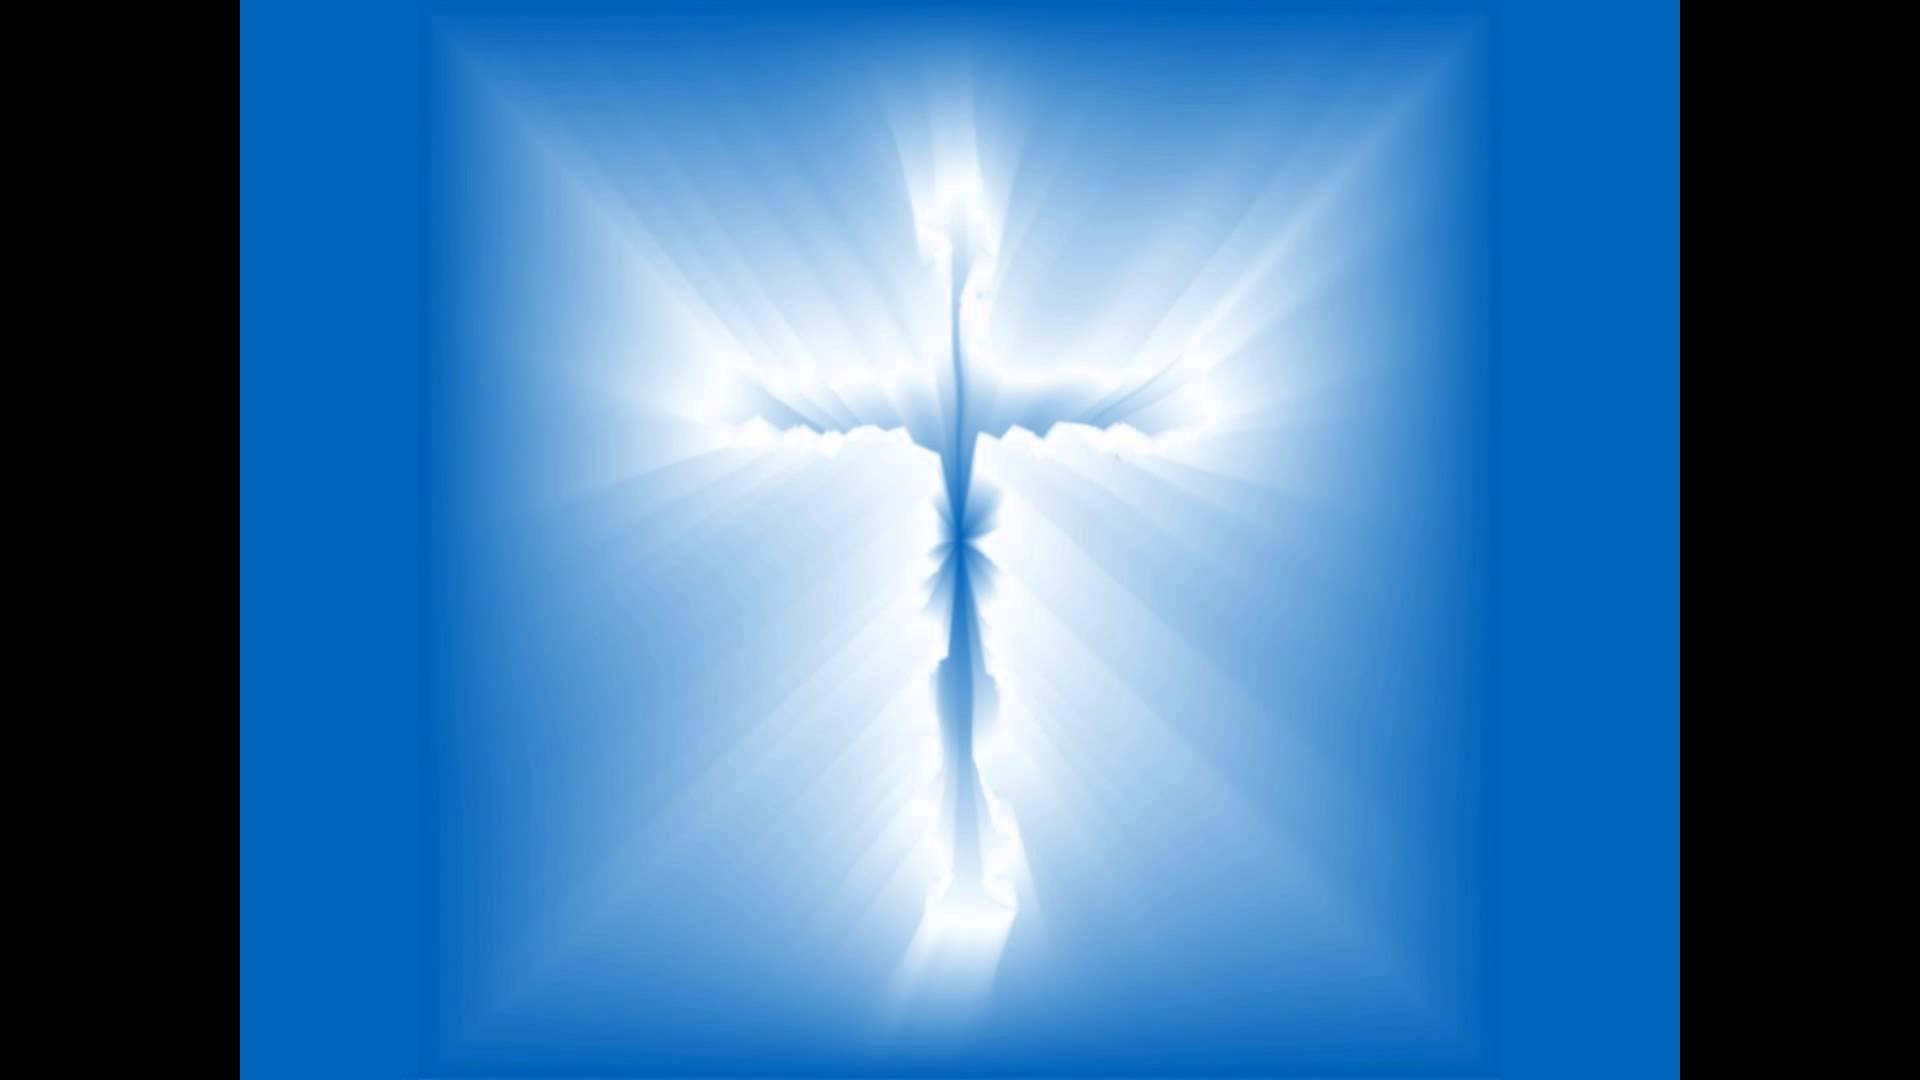 Opwekking 270 - Wie is God behalve onze Heer? 4